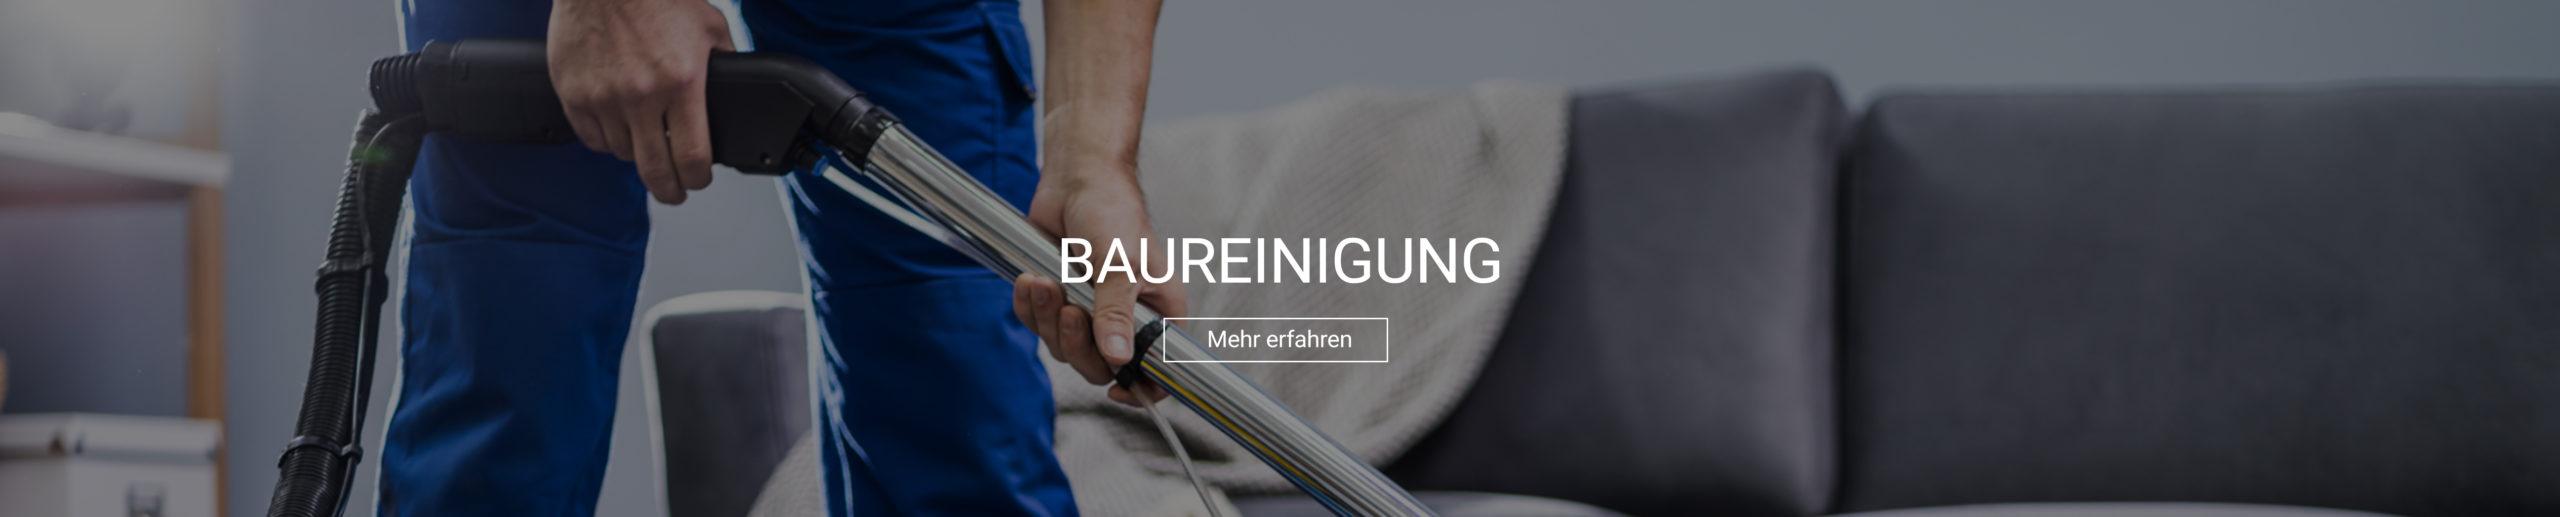 banner_baureinigung